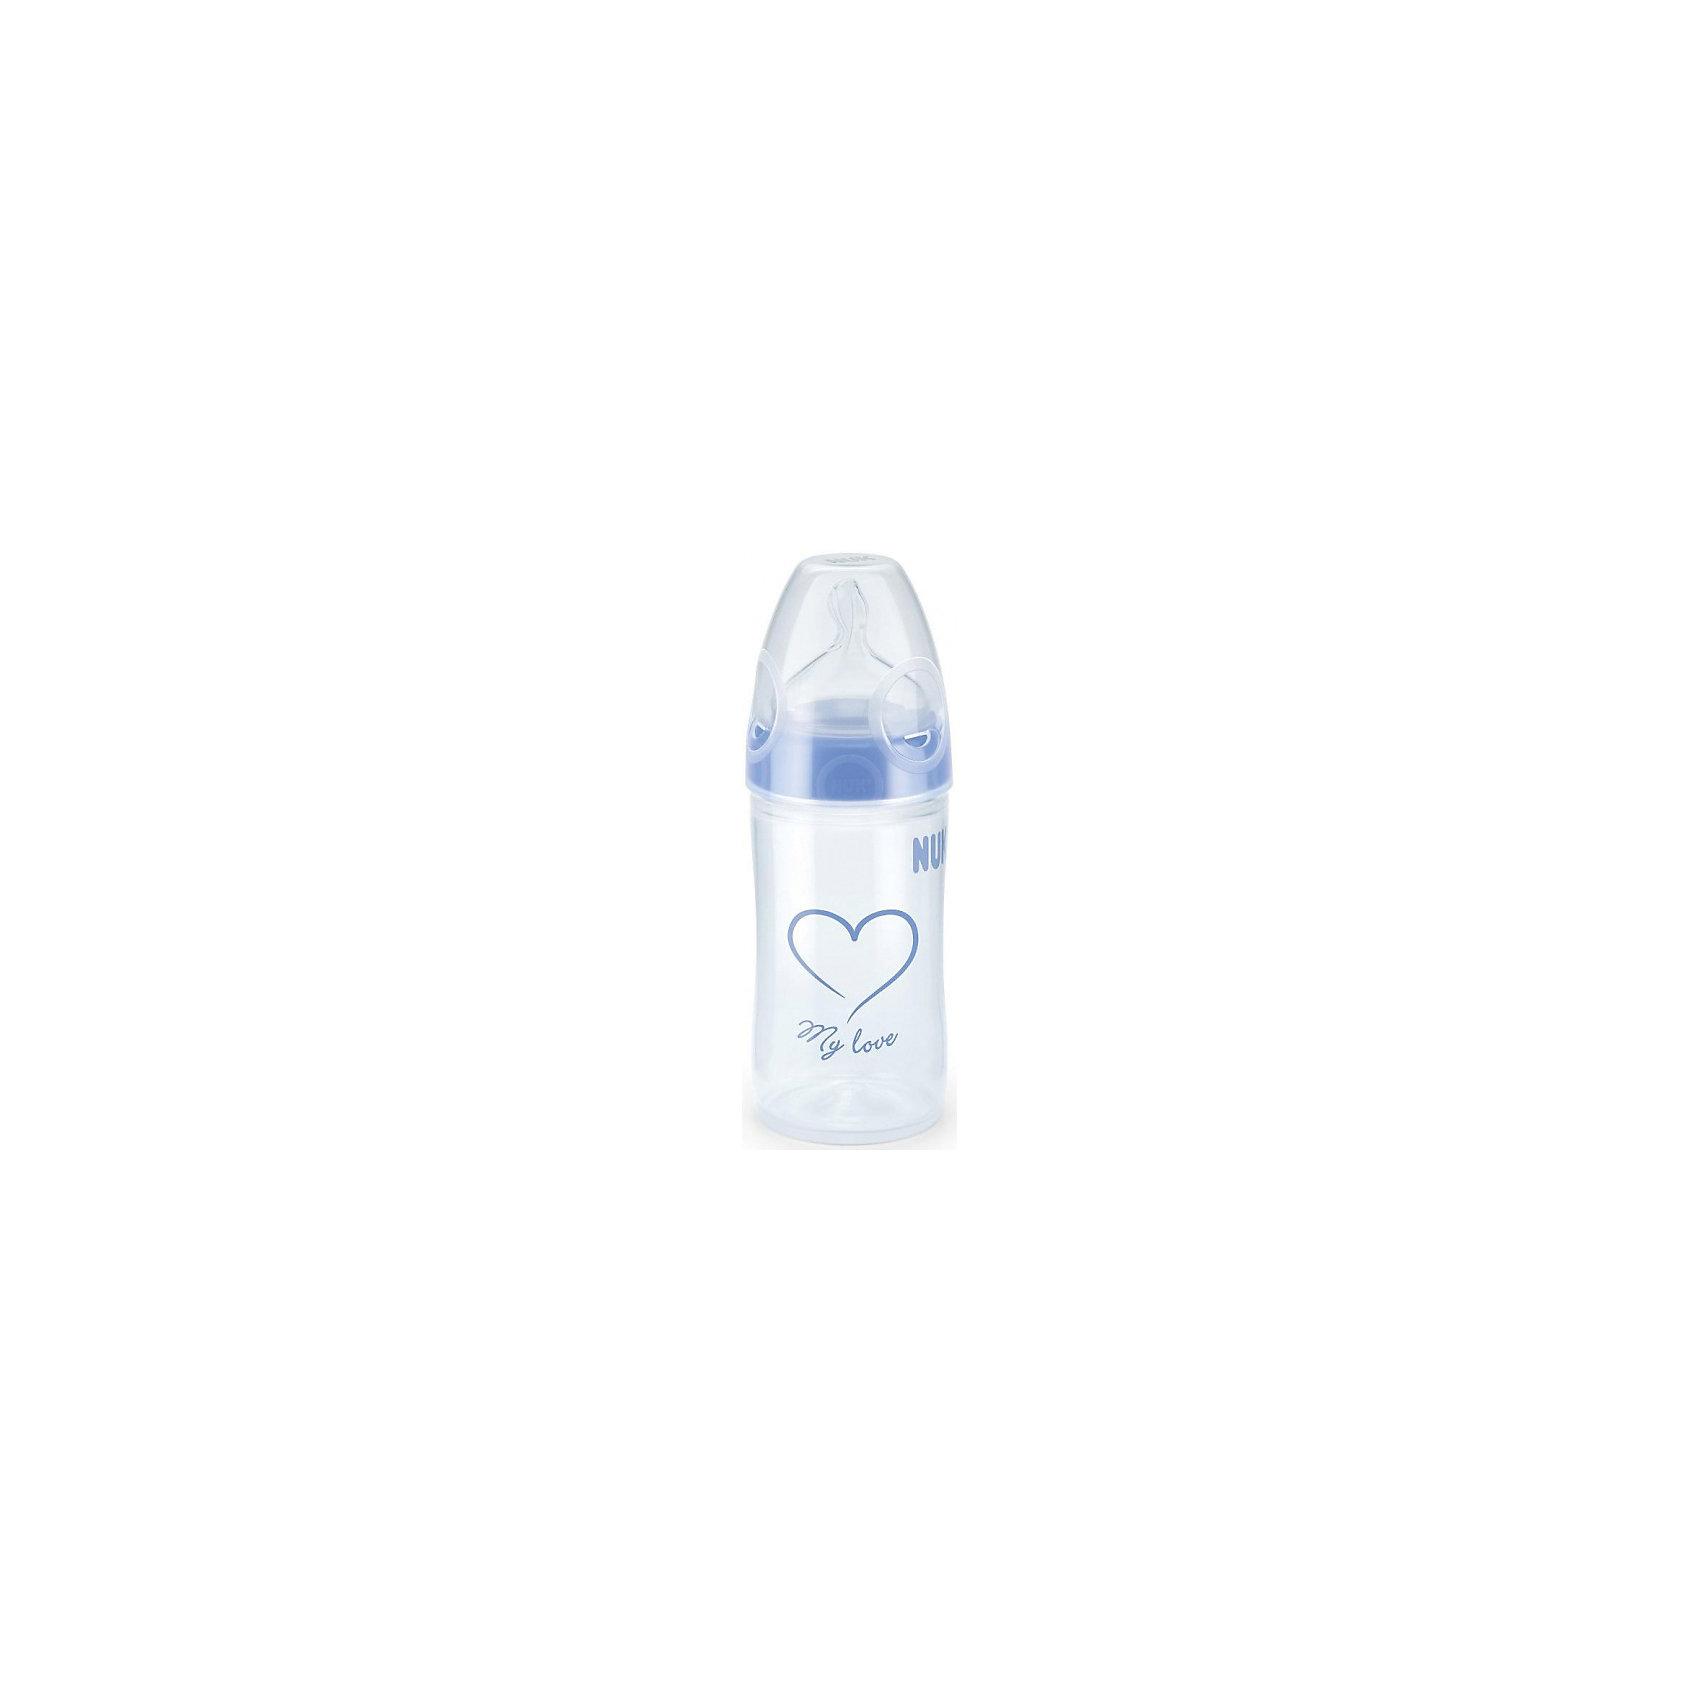 Бутылочка First Choice New Classic с широким горлом, 150 мл., NUK, голубой110 - 180 мл.<br>Характеристики изделия:<br><br>- объем: 150 мл;<br>- цвет: голубой;<br>- материал: латекс, полипропилен;<br>- широкое горло;<br>- система Anti-Colic Air System;<br>- для смешанного вскармливания;<br>- возраст: 0-6 месяцев.<br><br>Детские товары существенно облегчают жизнь молодым мамам. Существует множество полезных в период материнства вещей. К таким относится обыкновенная пластиковая бутылочка-поильник. <br>Данная модель оптимально подходит для детей, которых приучают есть самостоятельно. Мягкий материал соски подойдет для ротовой полости ребенка. Предмет удобно держать. Бутылочка легко очищается от любых поверхностных загрязнений, так как имеет удобное широкое горлышко. Оптимальный объем позволит использовать бутылочку для малышей с рождения до шести месяцев.<br><br>Бутылочку First Choice New Classic от производителя NUK можно купить в нашем магазине.<br><br>Ширина мм: 75<br>Глубина мм: 65<br>Высота мм: 245<br>Вес г: 100<br>Возраст от месяцев: 0<br>Возраст до месяцев: 6<br>Пол: Унисекс<br>Возраст: Детский<br>SKU: 5065248